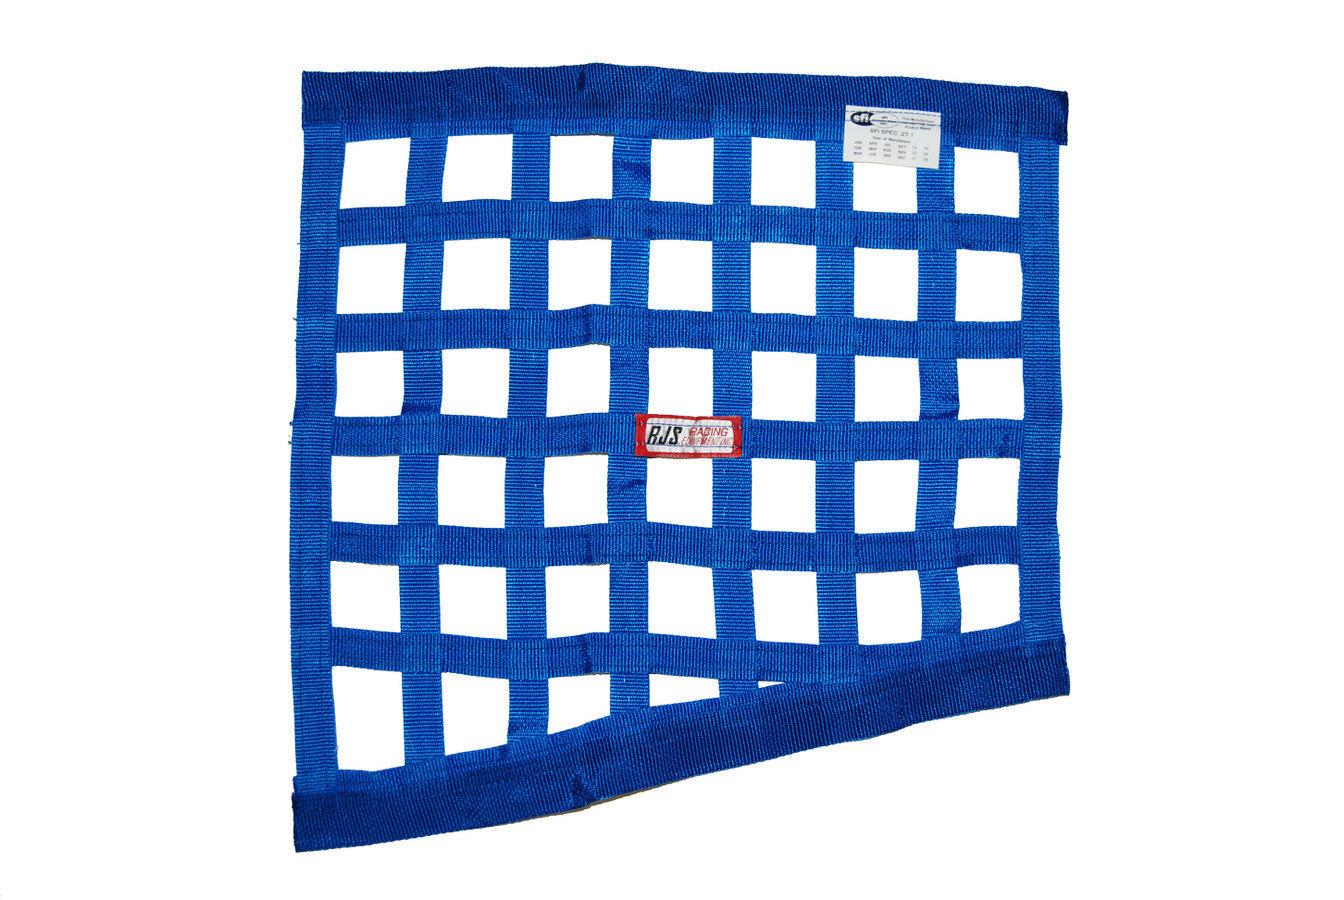 Blue Angled Window Net